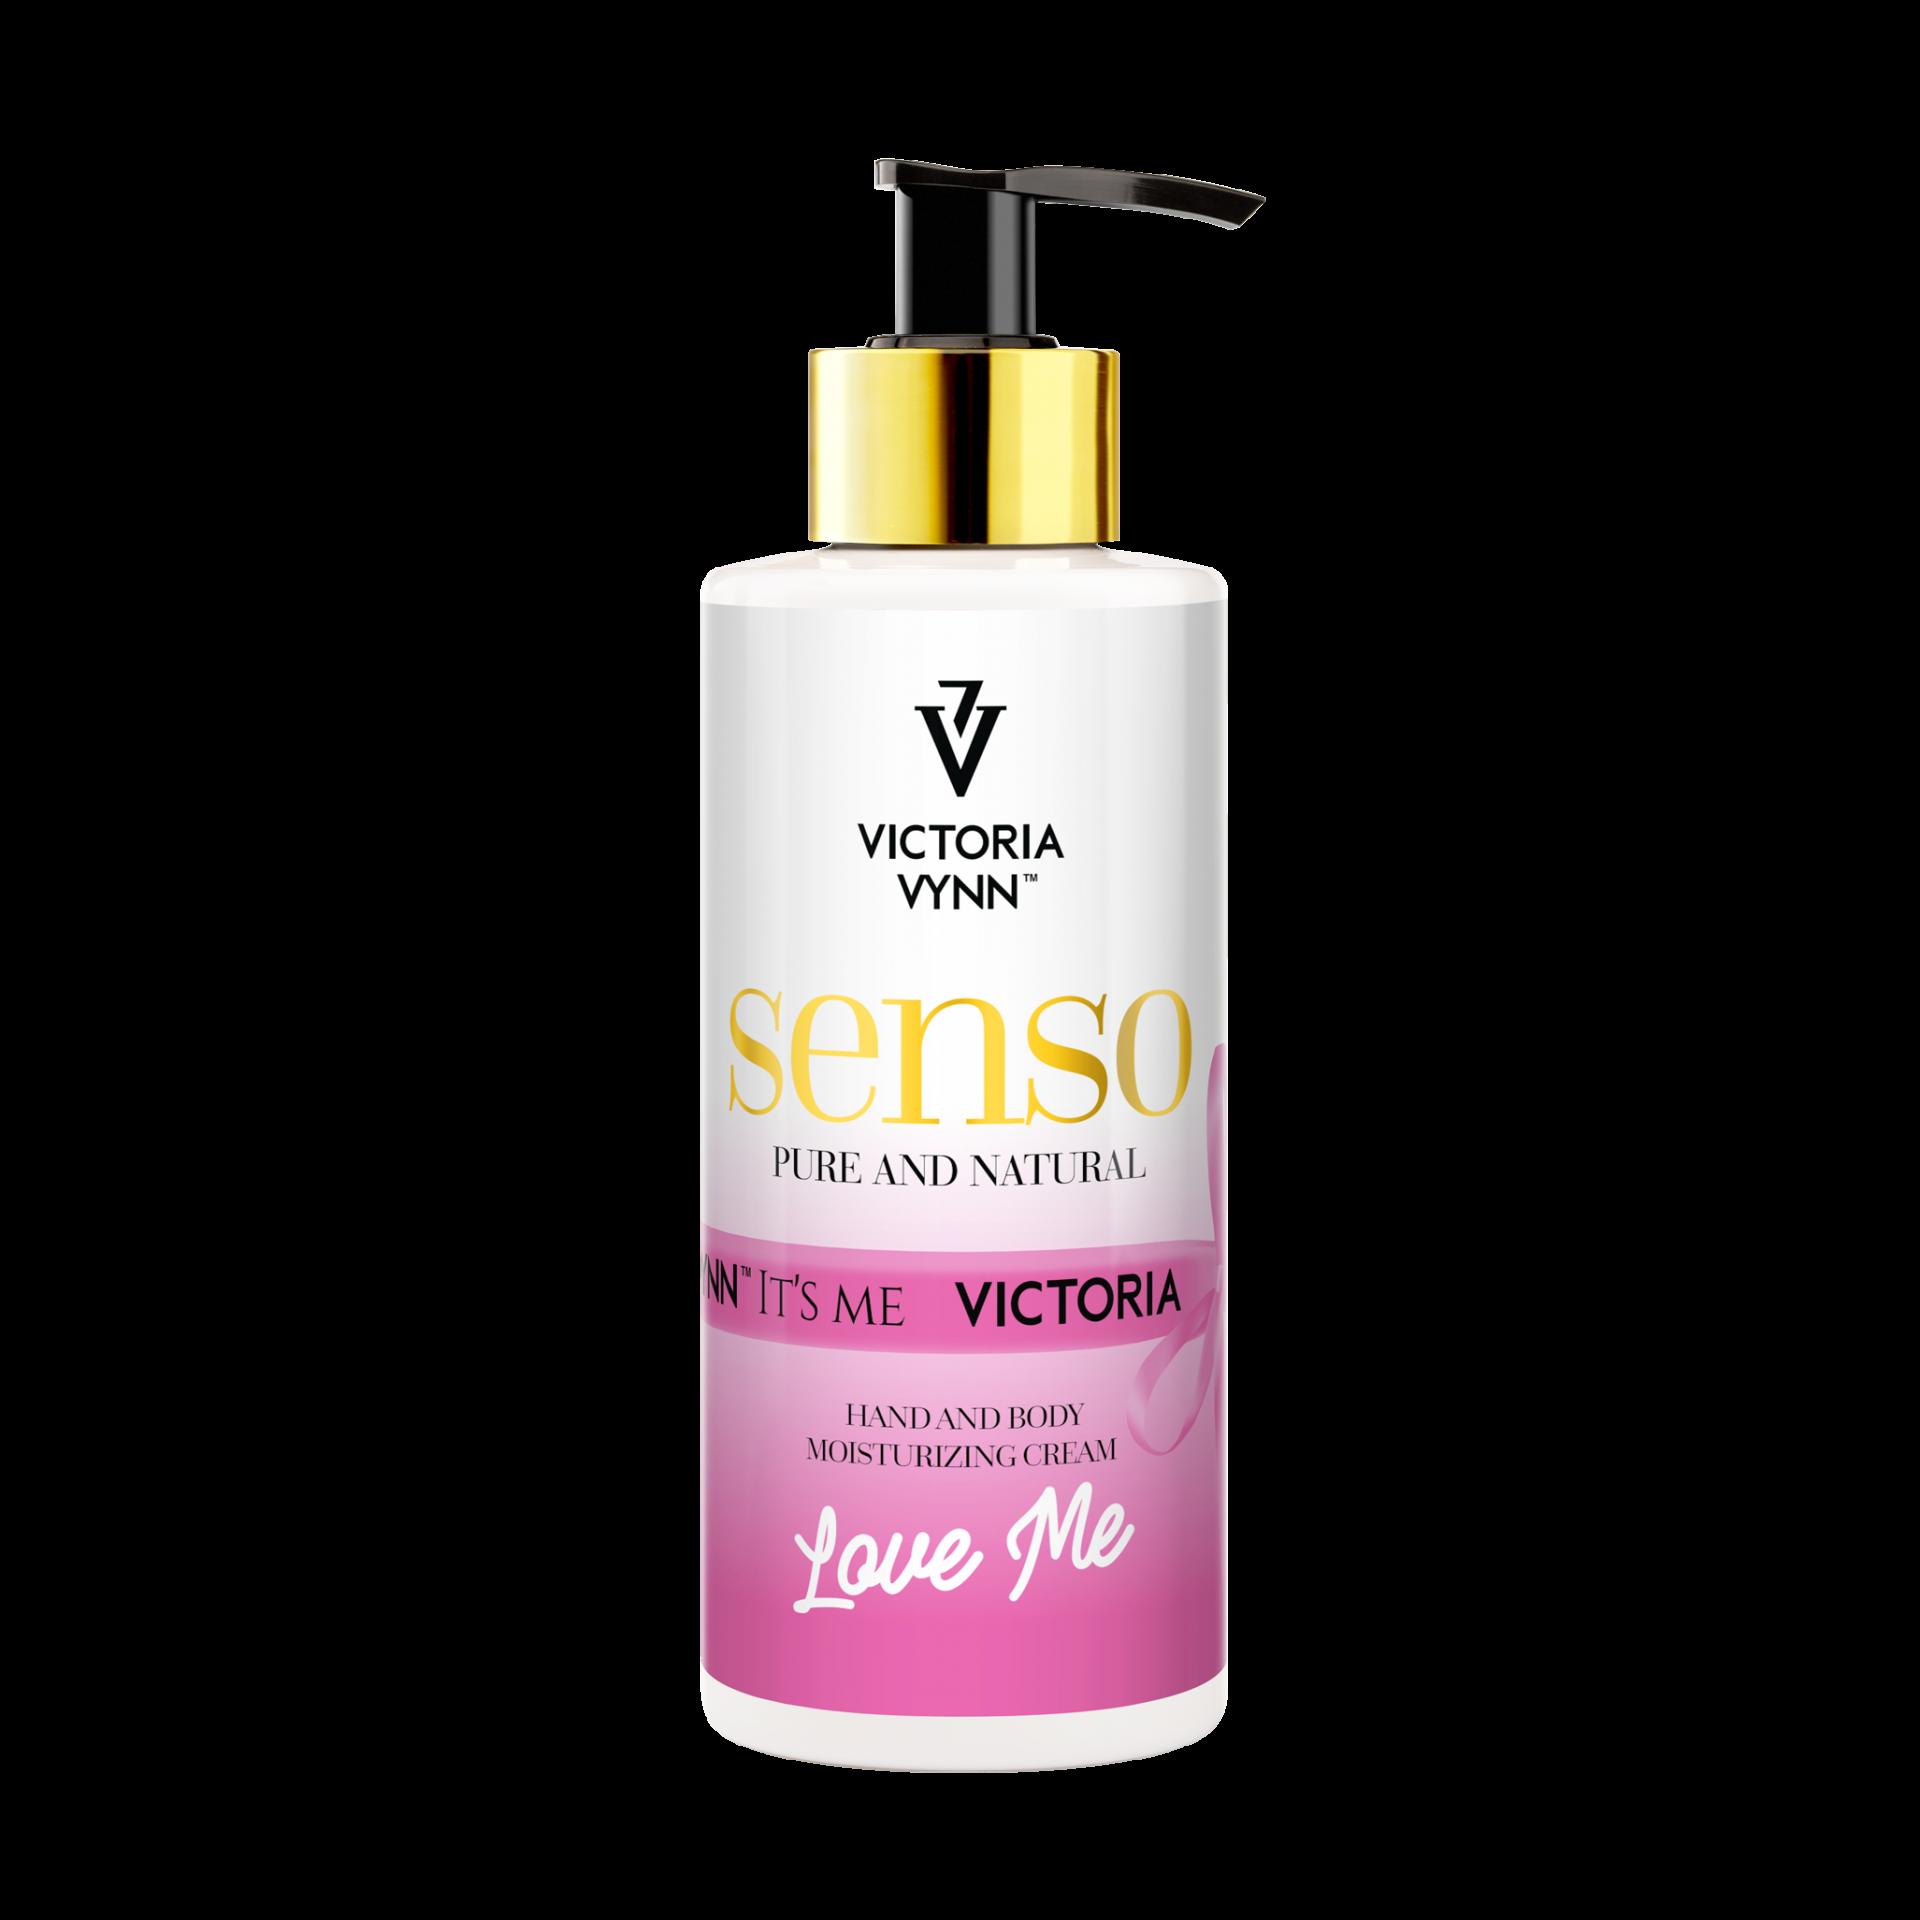 Victoria Vynn Senso Love Me 250ml